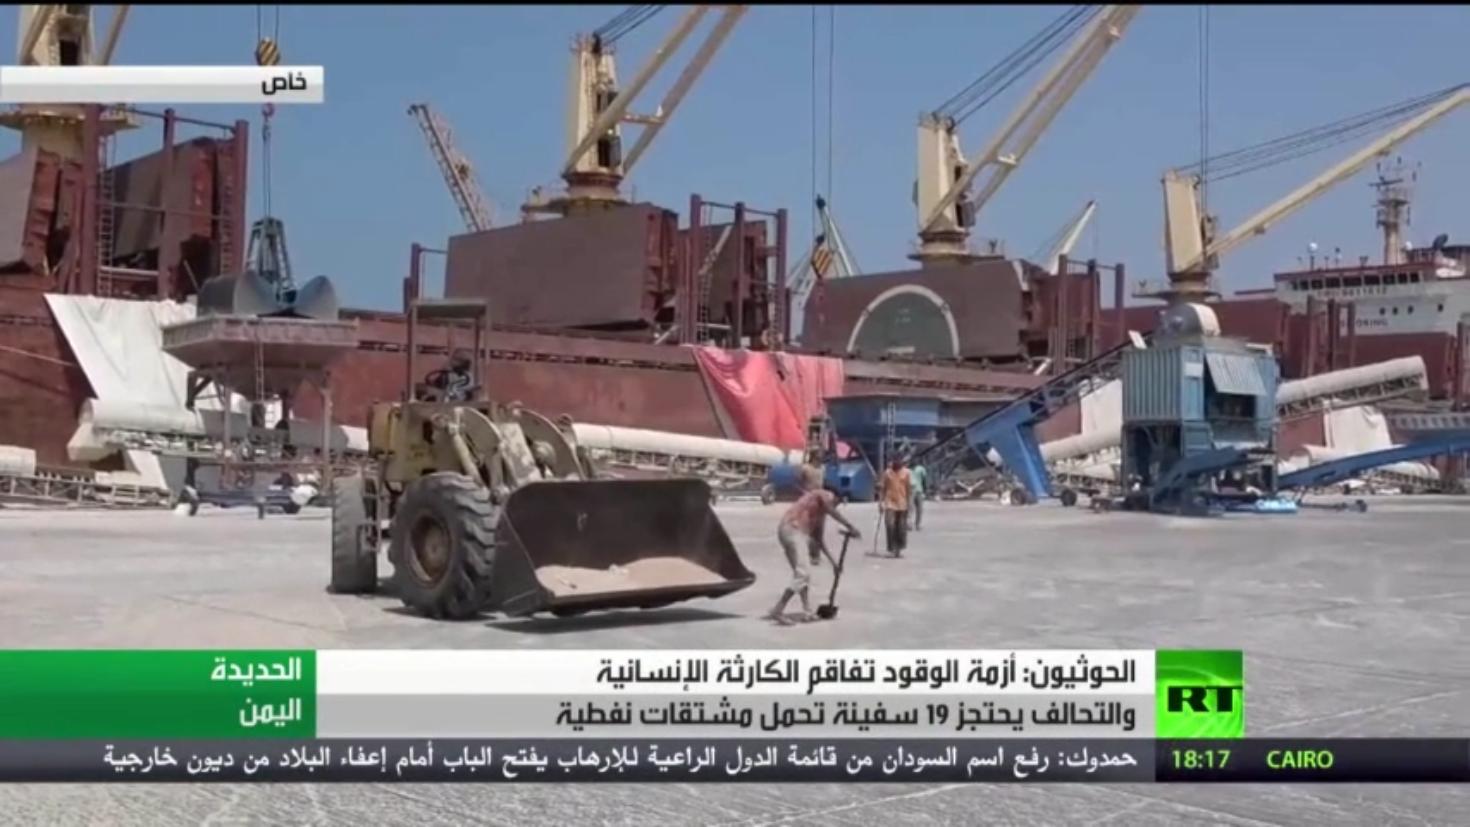 الحوثيون: أزمة الوقود تفاقم الكارثة الإنسانية